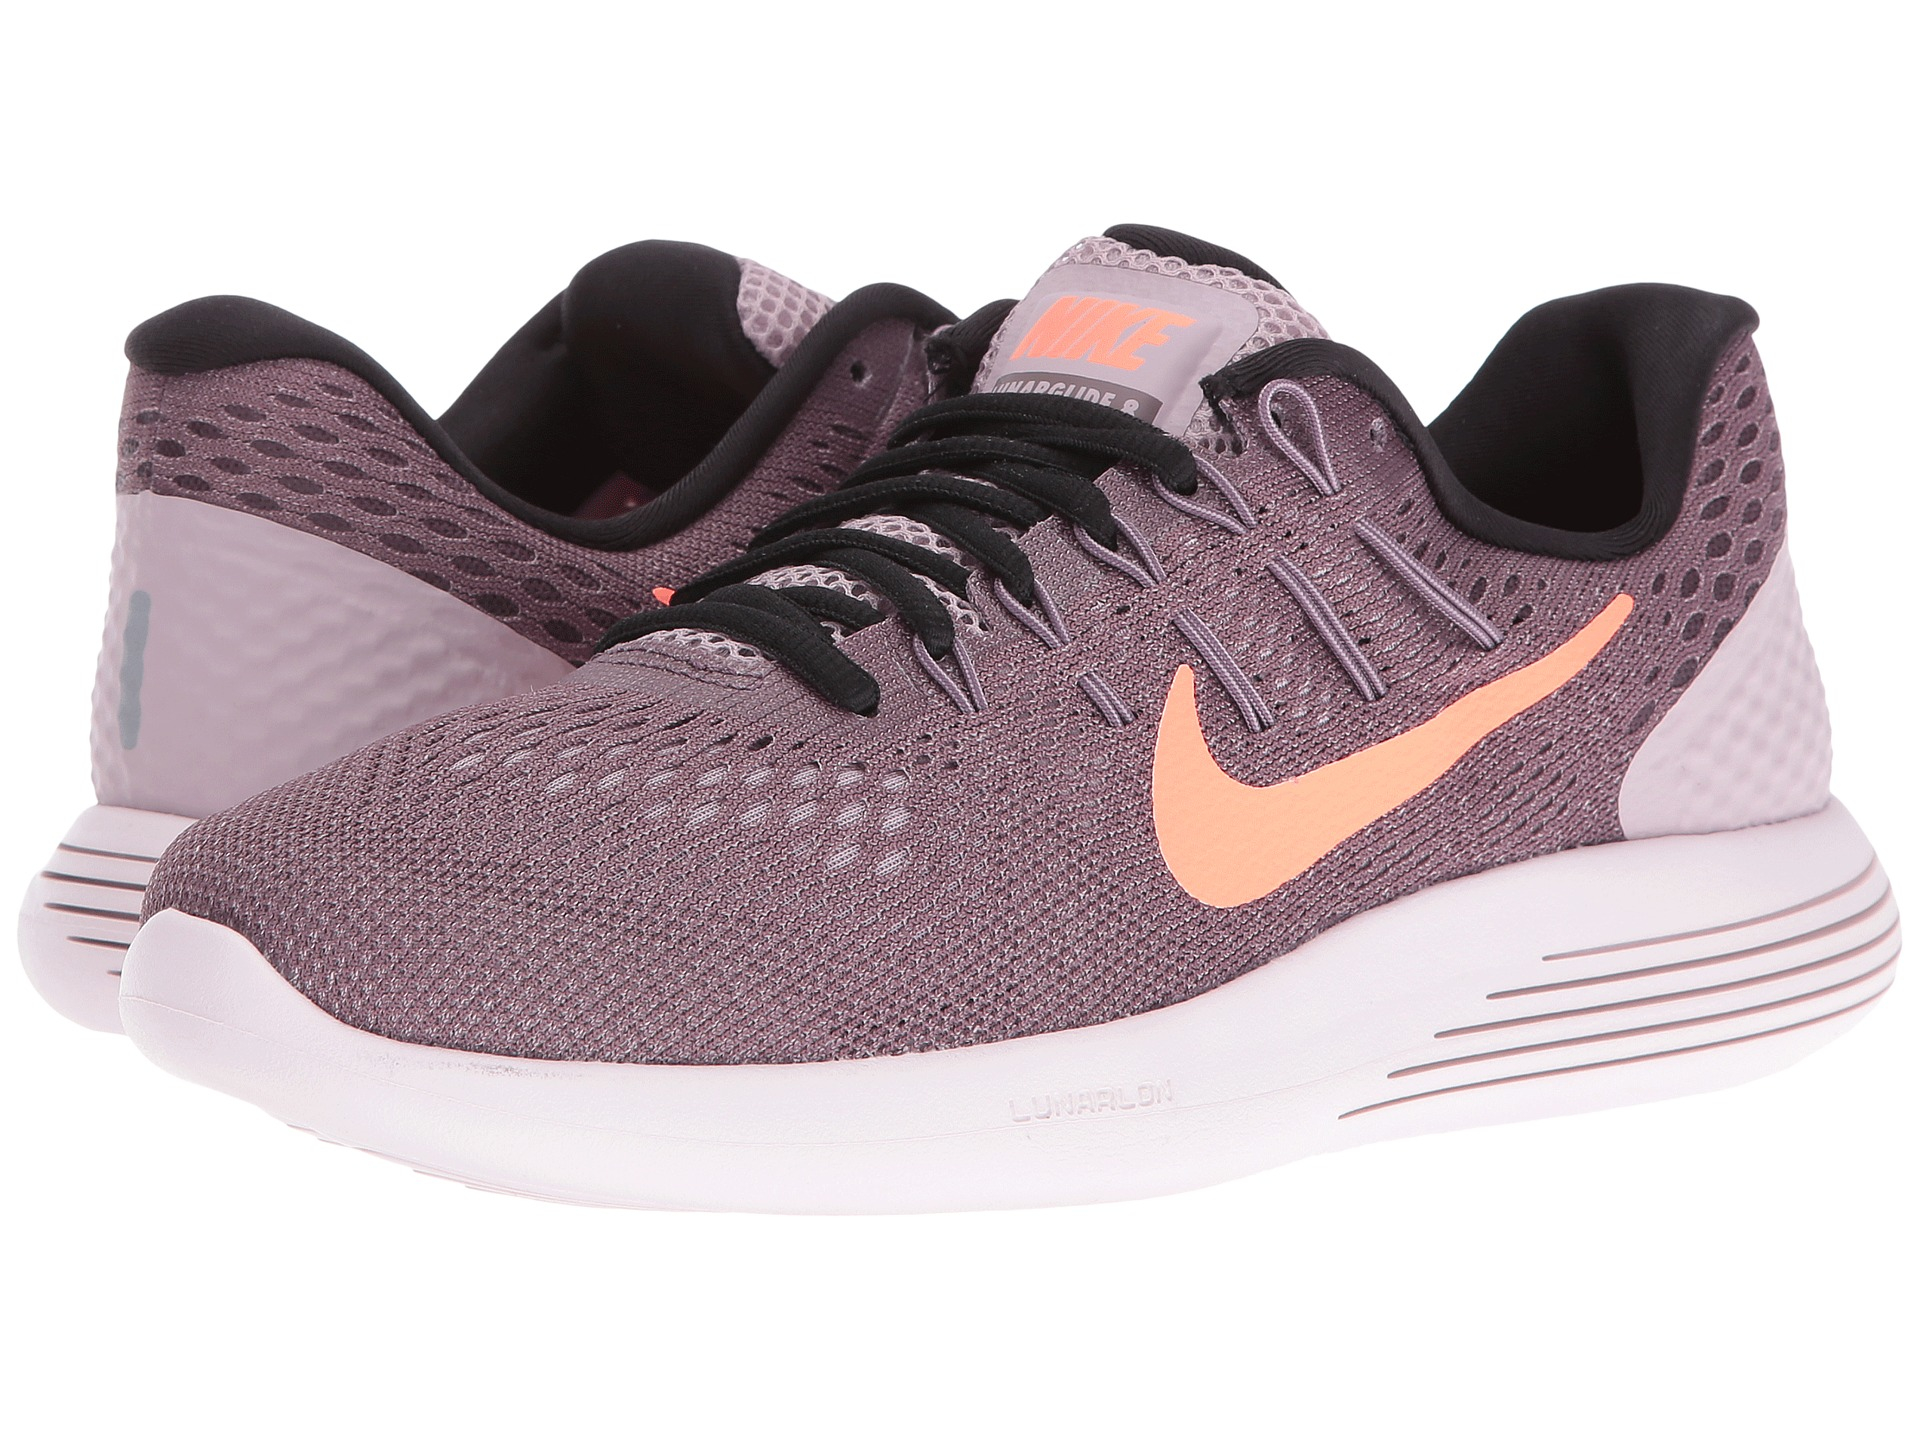 online retailer 2bed8 39434 ... uk lyst nike lunarglide 8 in purple e2859 f83d1 ...